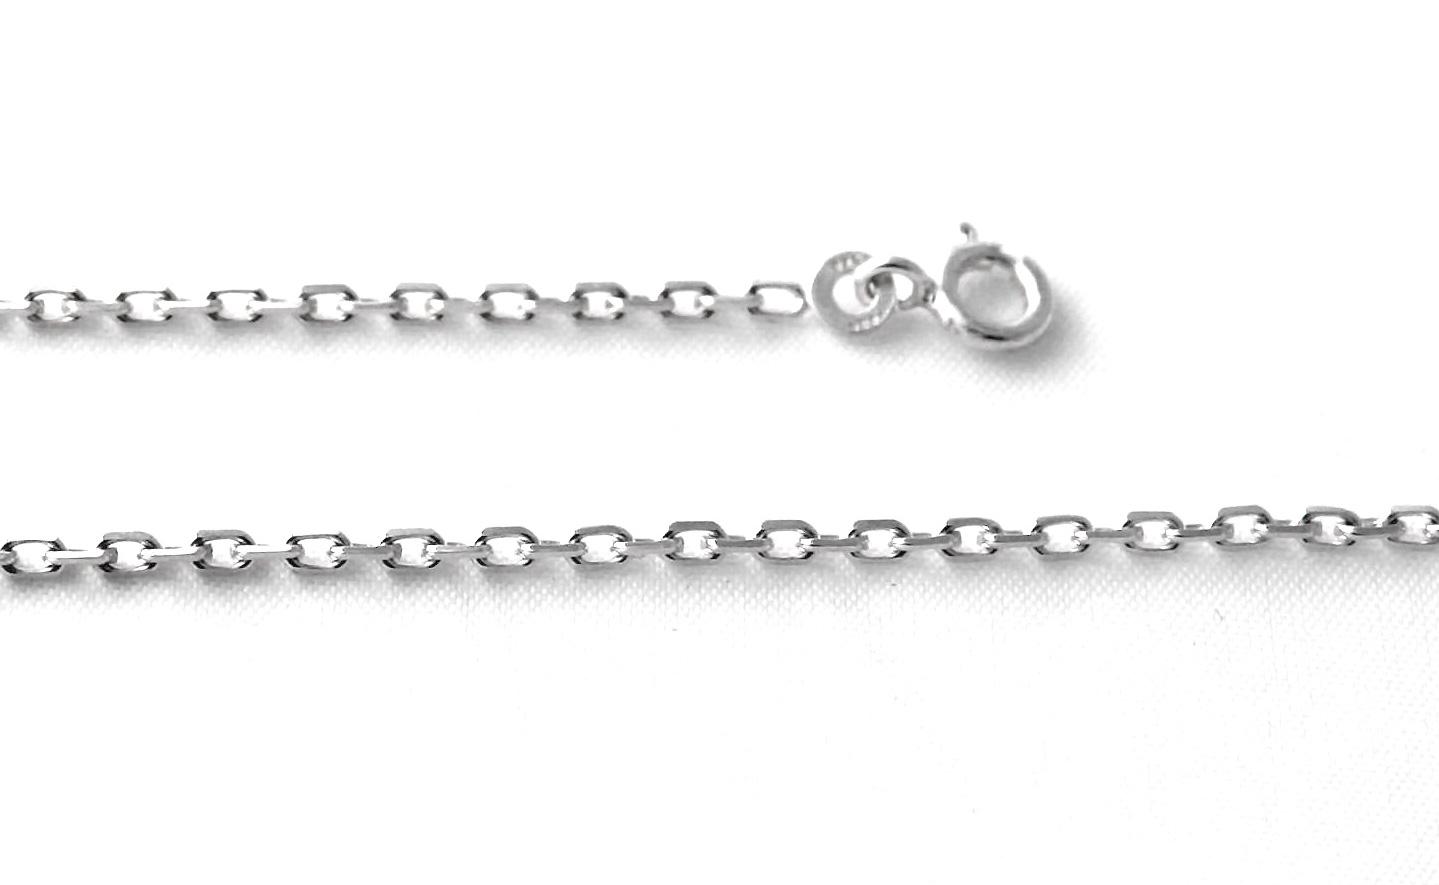 Chaîne en argent 50 cm – Mailles fines forçat limée 1,5 mm